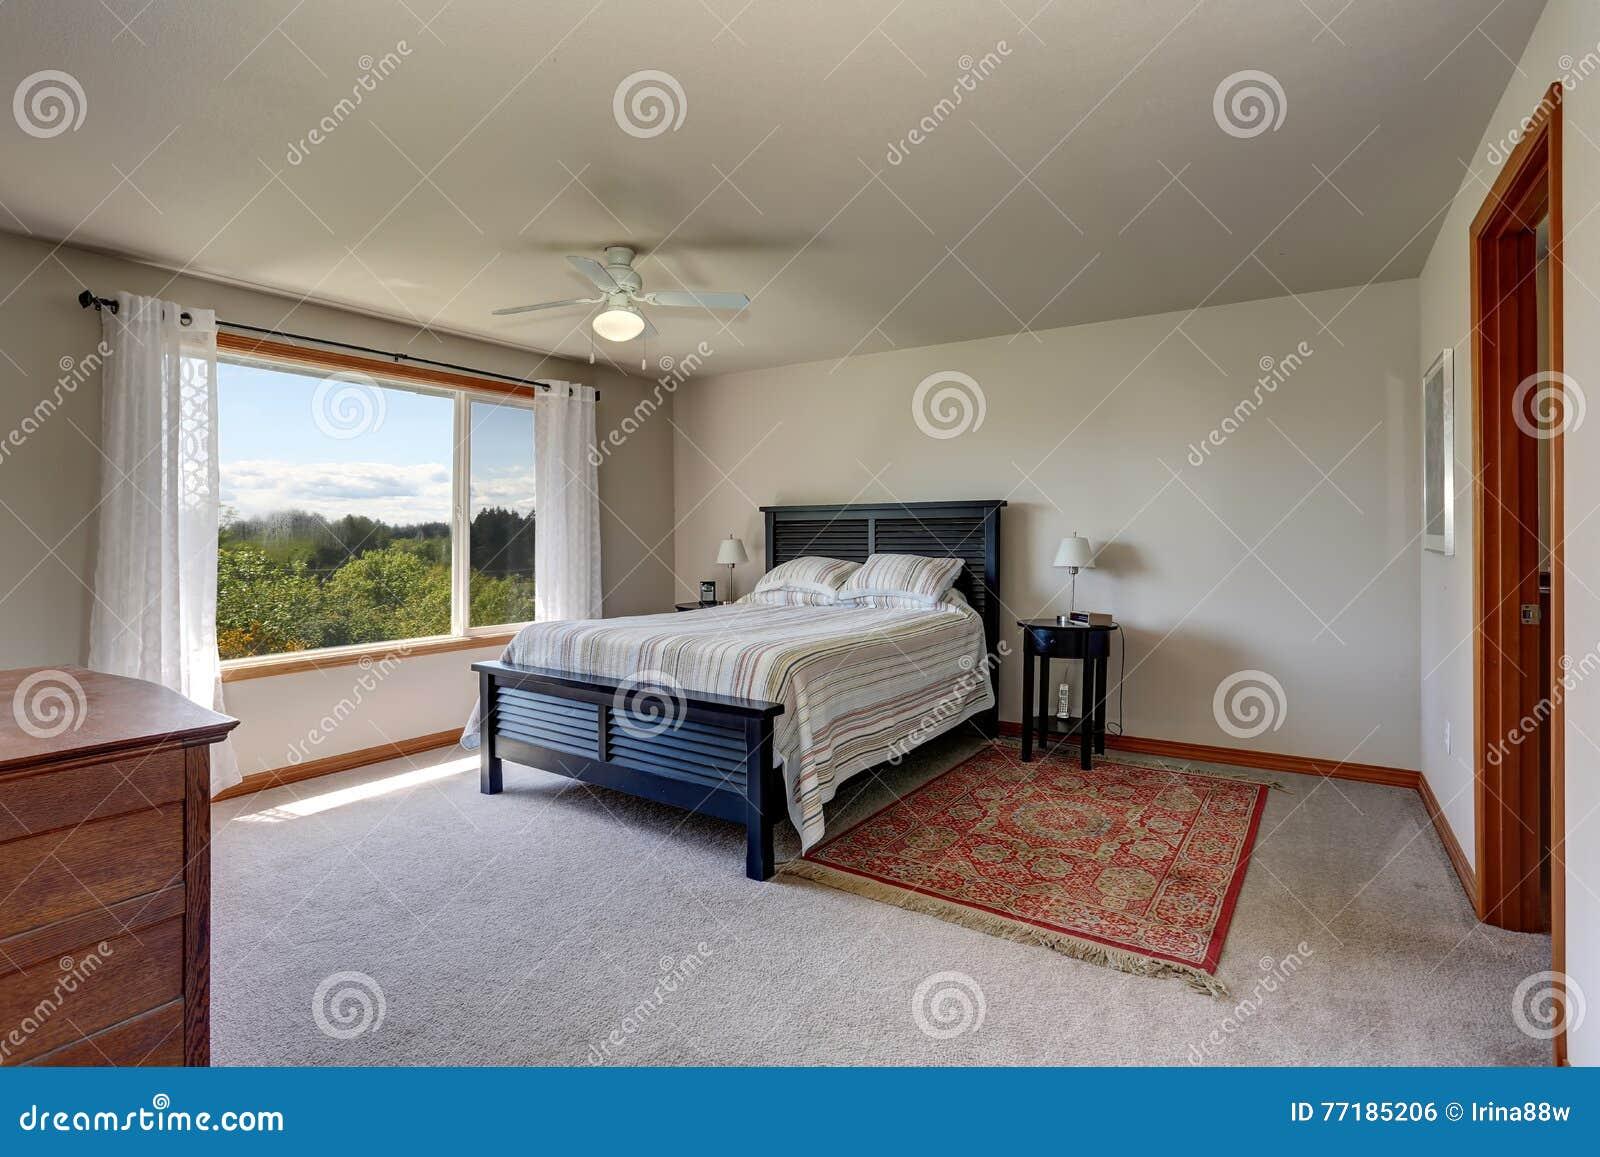 Pareti Bianche E Beige : Interno della camera da letto con le pareti beige la coperta e le